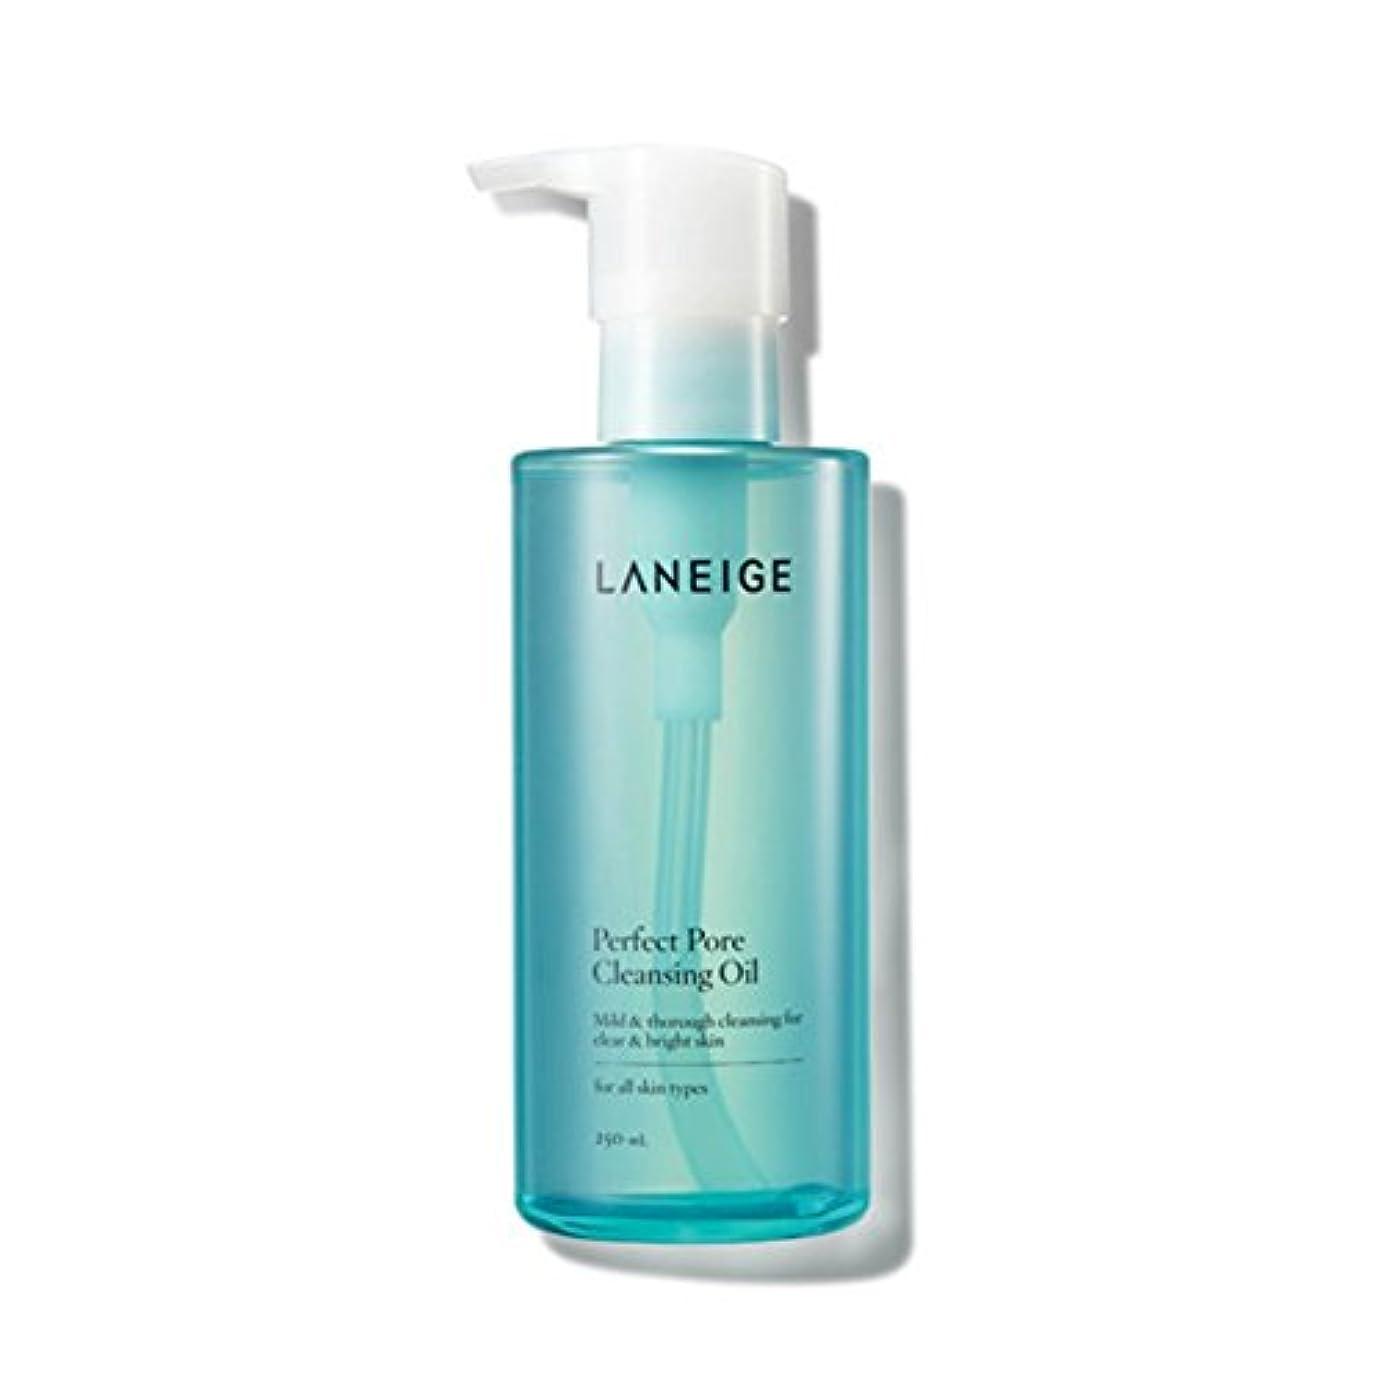 カメホテルライトニング[ラネージュ/ LANEIGE] ラネージュ パーフェクトポア クレンジングオイル 250ml/ Perfect Pore Cleansing Oil +[Sample Gift](海外直送品)